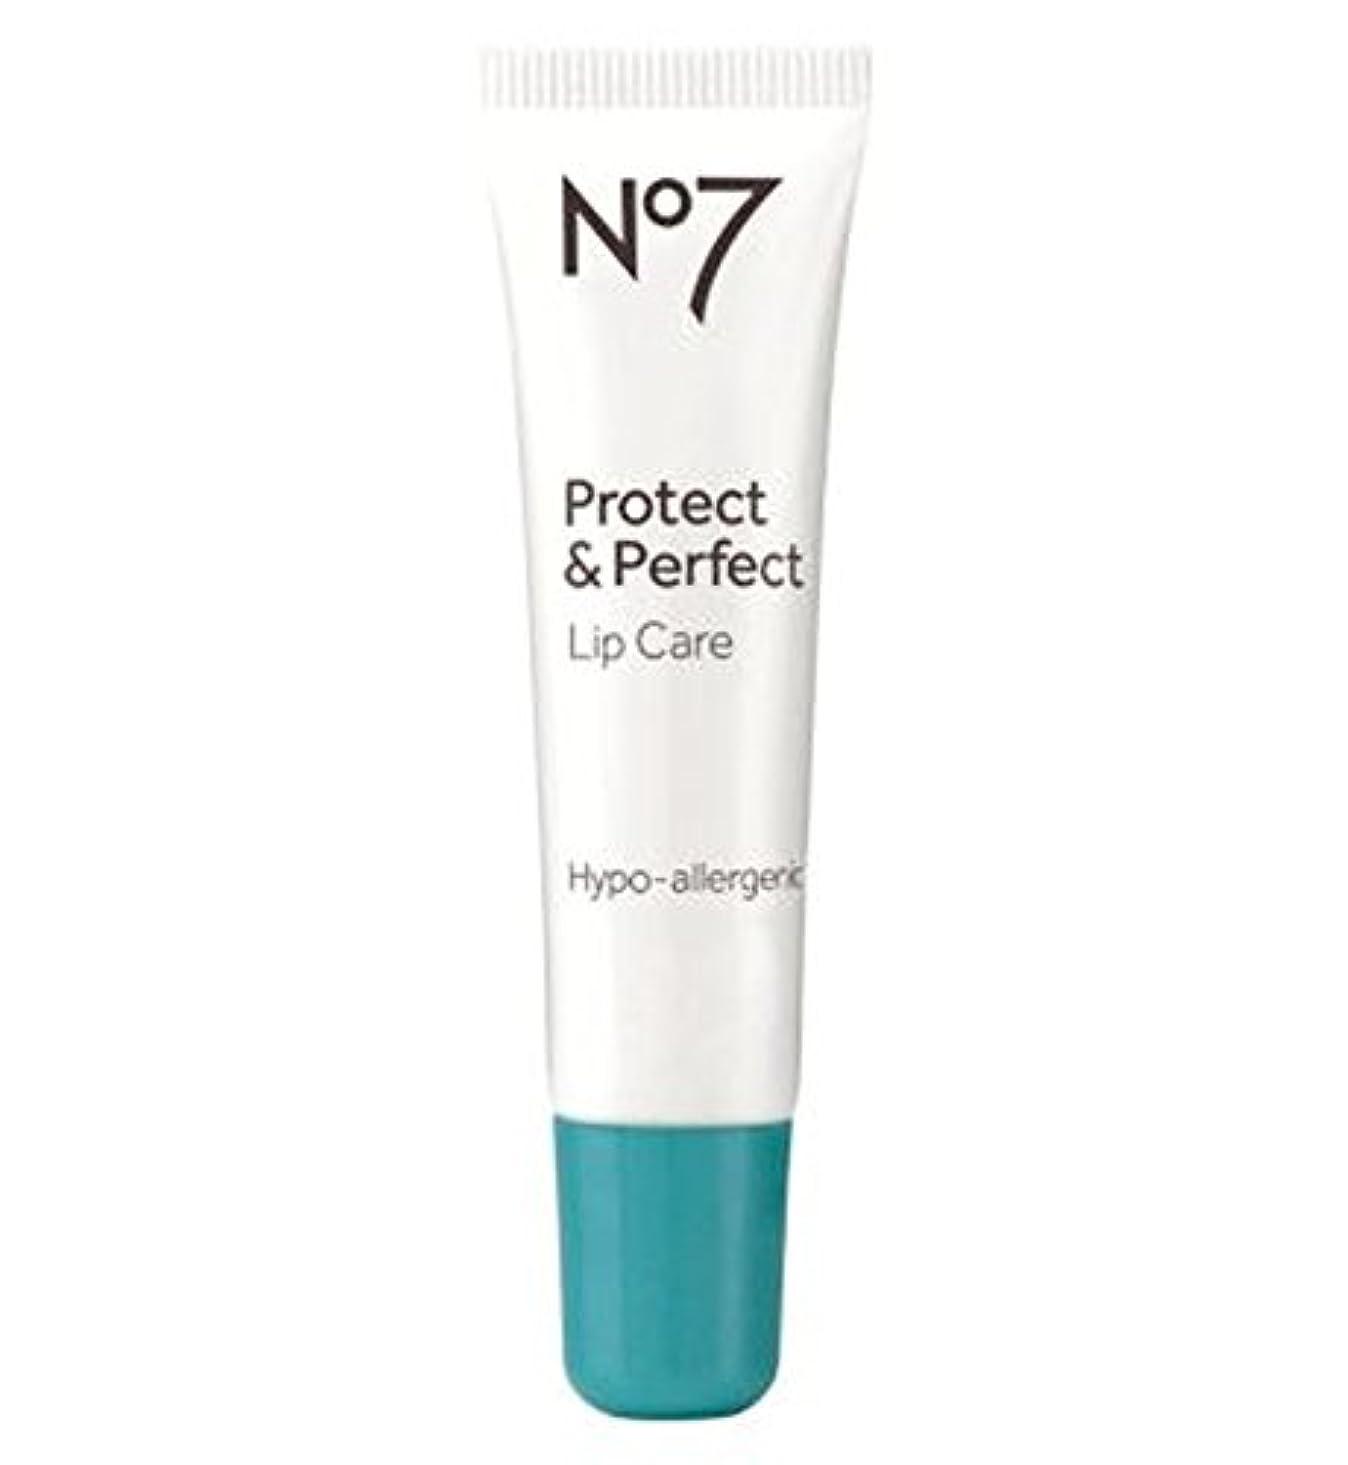 アンプ例外気候No7保護&完璧なリップケア10ミリリットル (No7) (x2) - No7 Protect & Perfect Lip Care 10ml (Pack of 2) [並行輸入品]